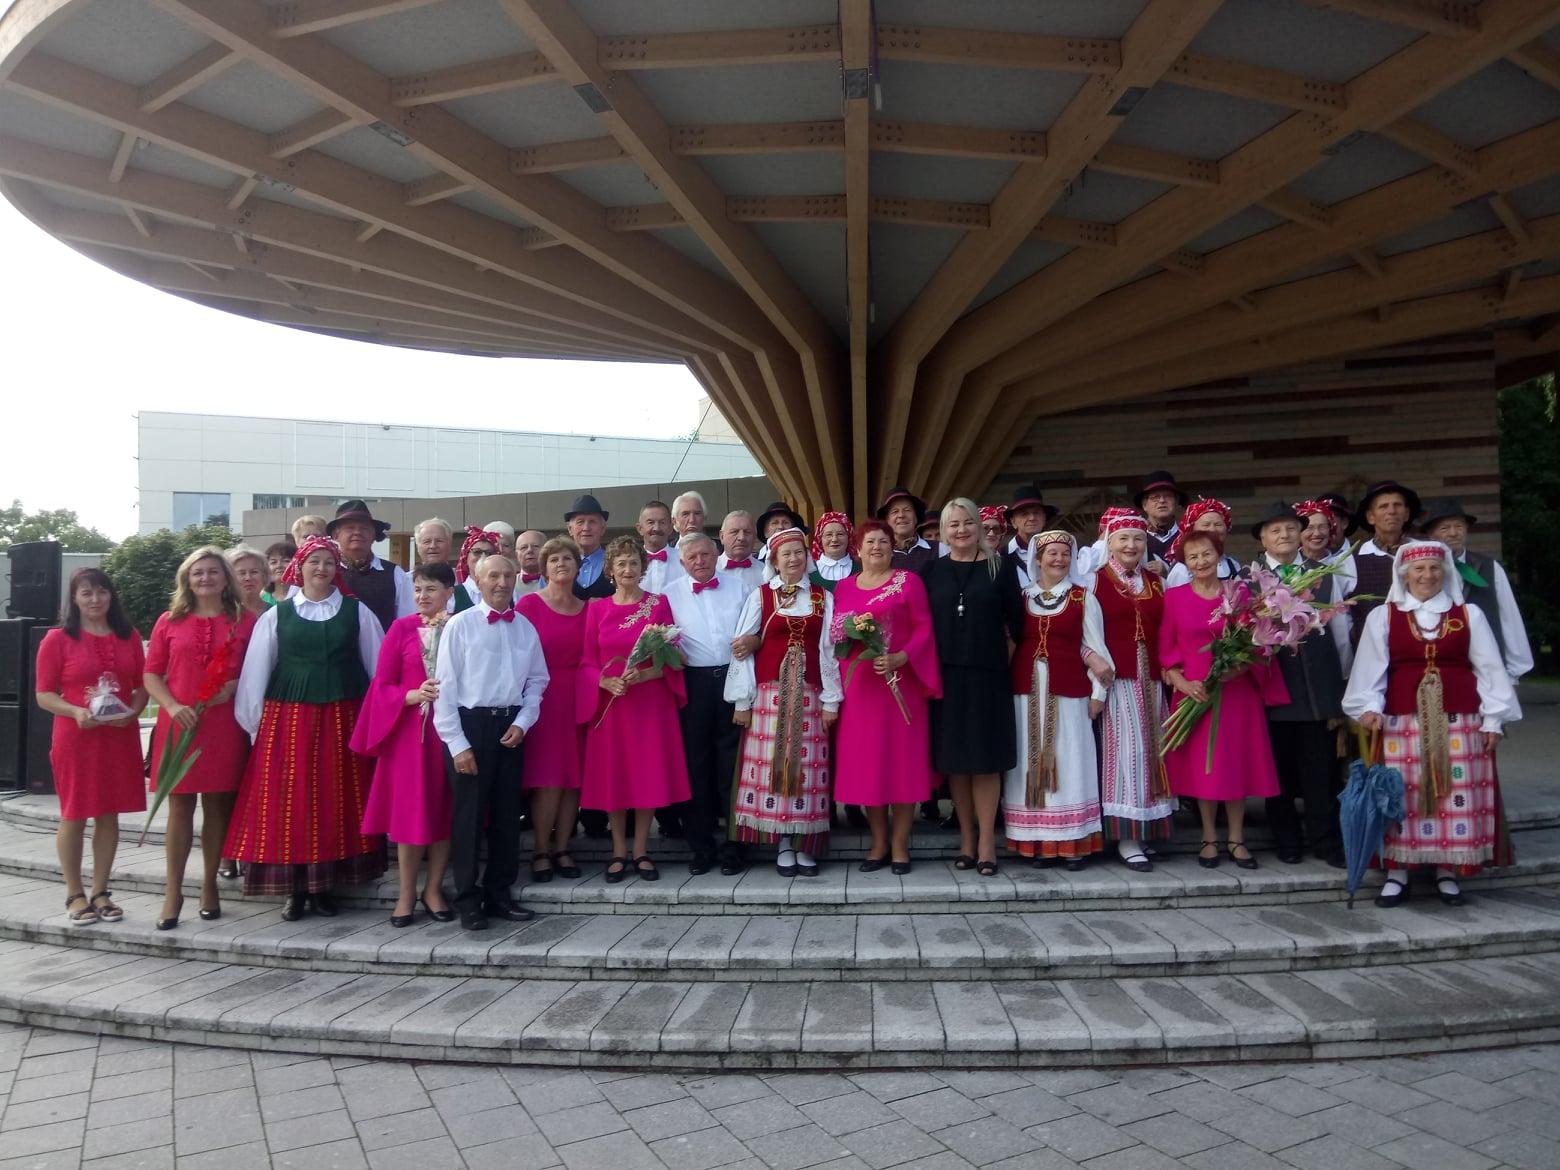 """2021-08-23 Turiningas Tauragės kultūros centro šokių kolektyvo """"Vėjava"""" savaitgalis Joniškyje"""